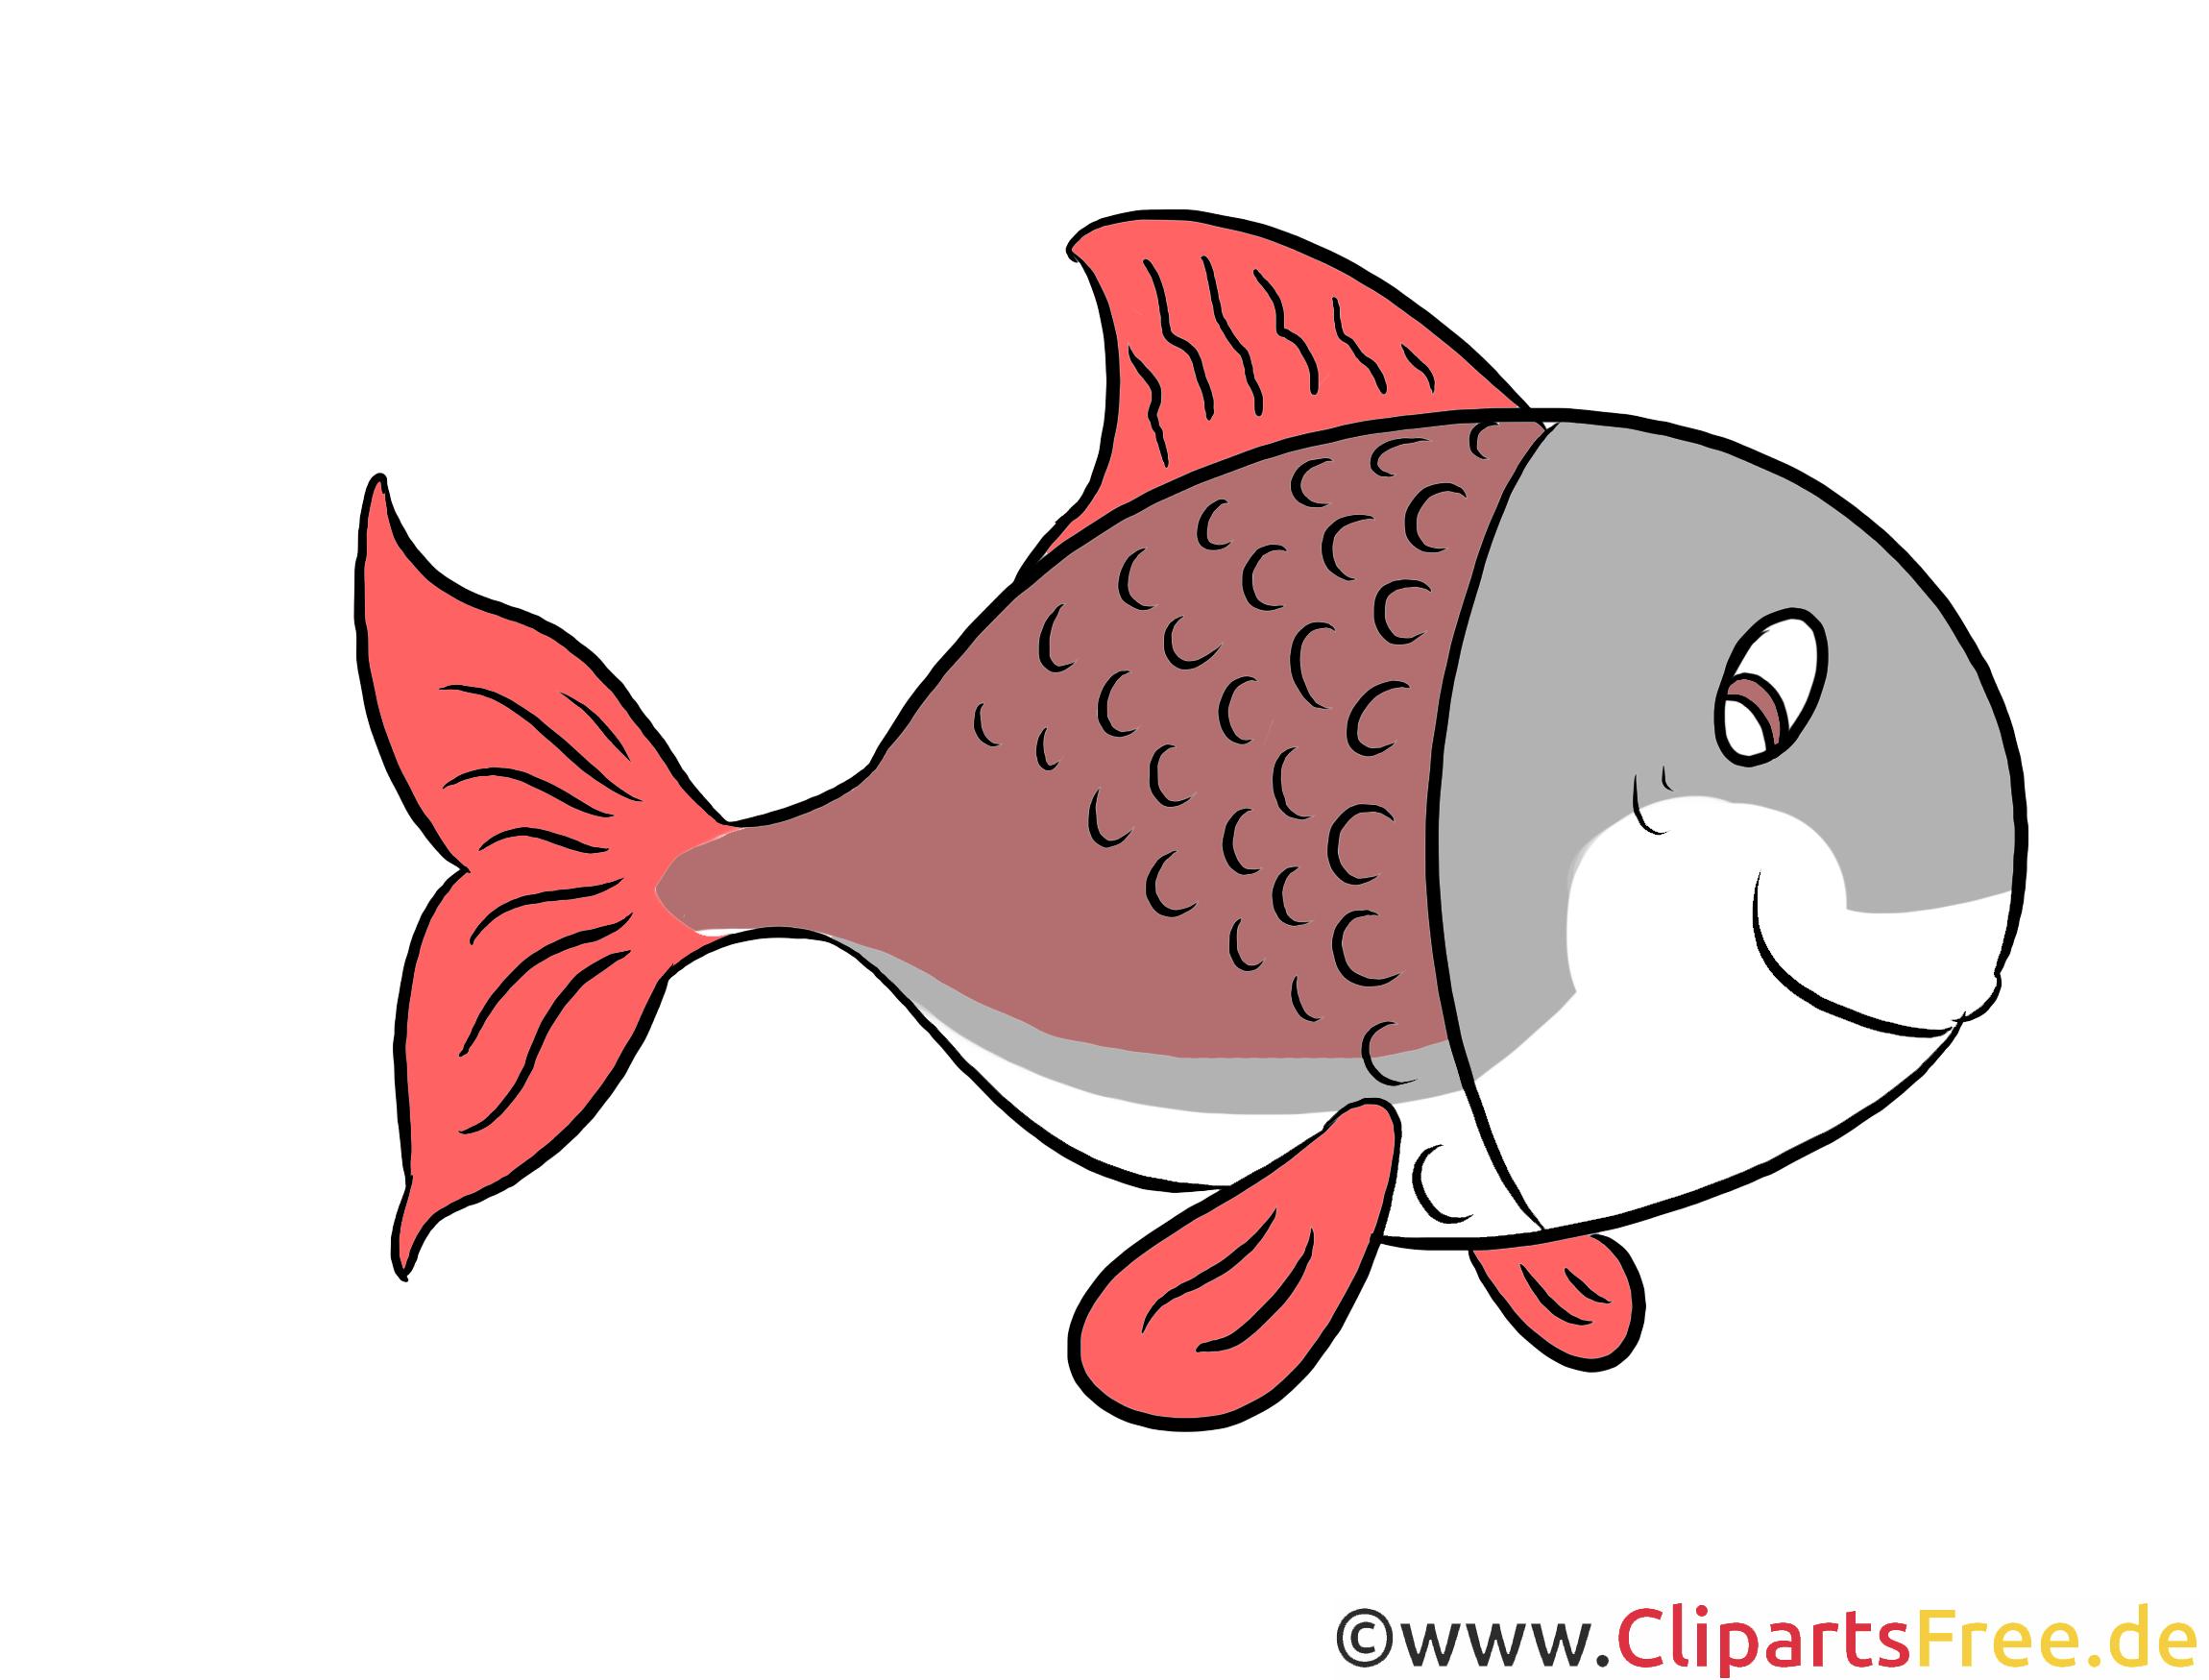 Fisch Clipart, Illustration, Bild kostenlos